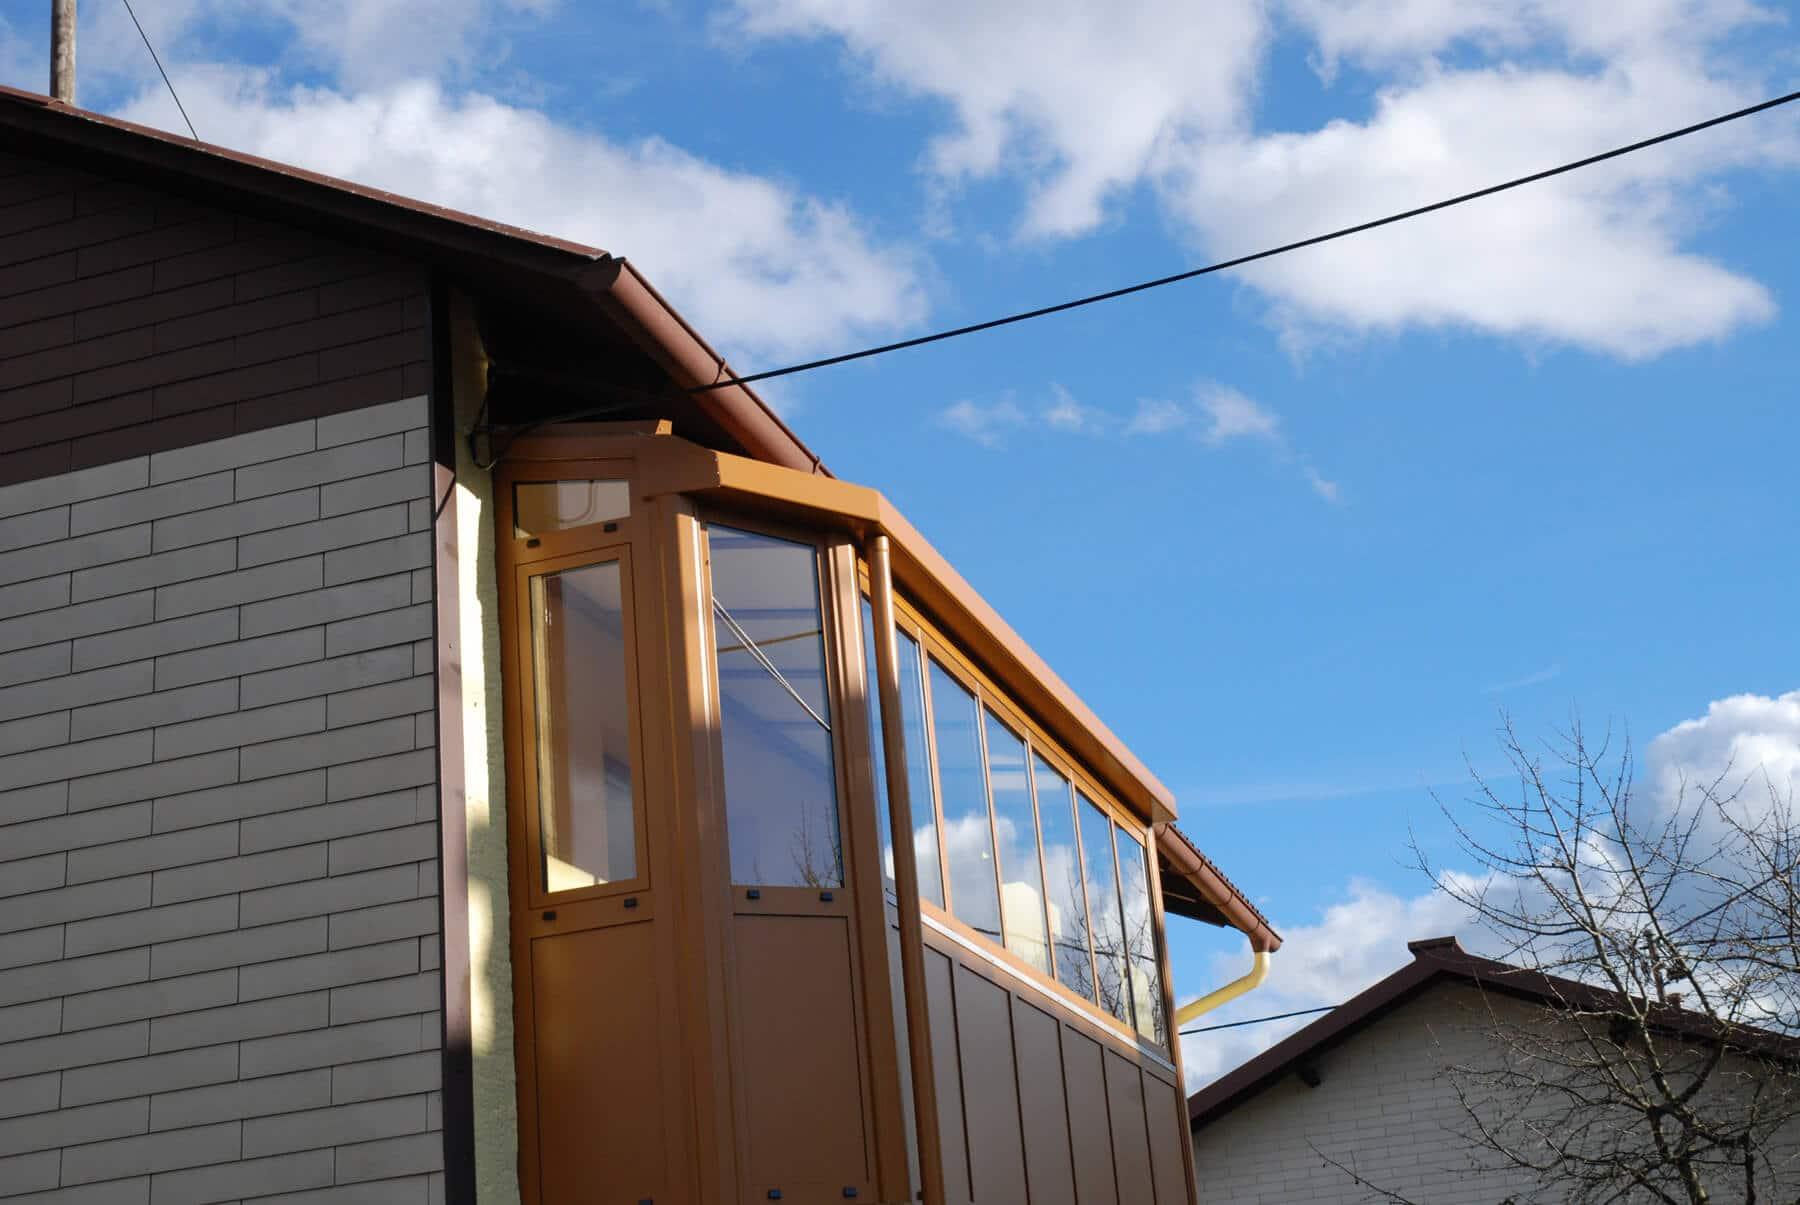 Ockerbrauner Balkonverbau mit öffenbaren Faltfenstern